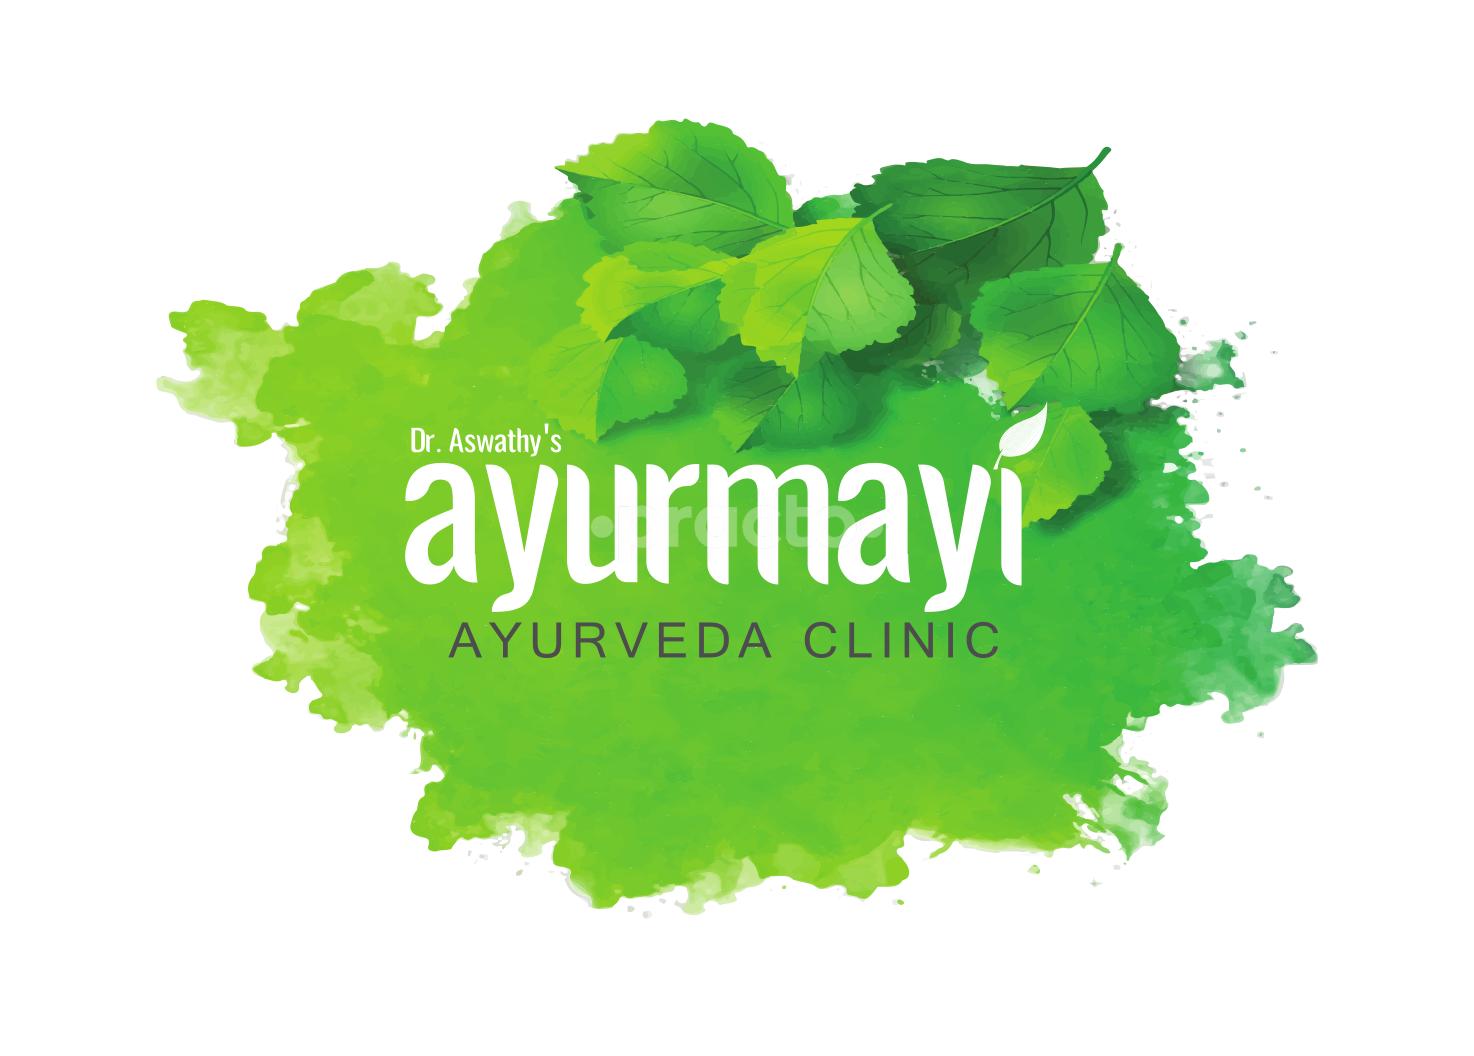 Ayurmayi Ayurveda Clinic